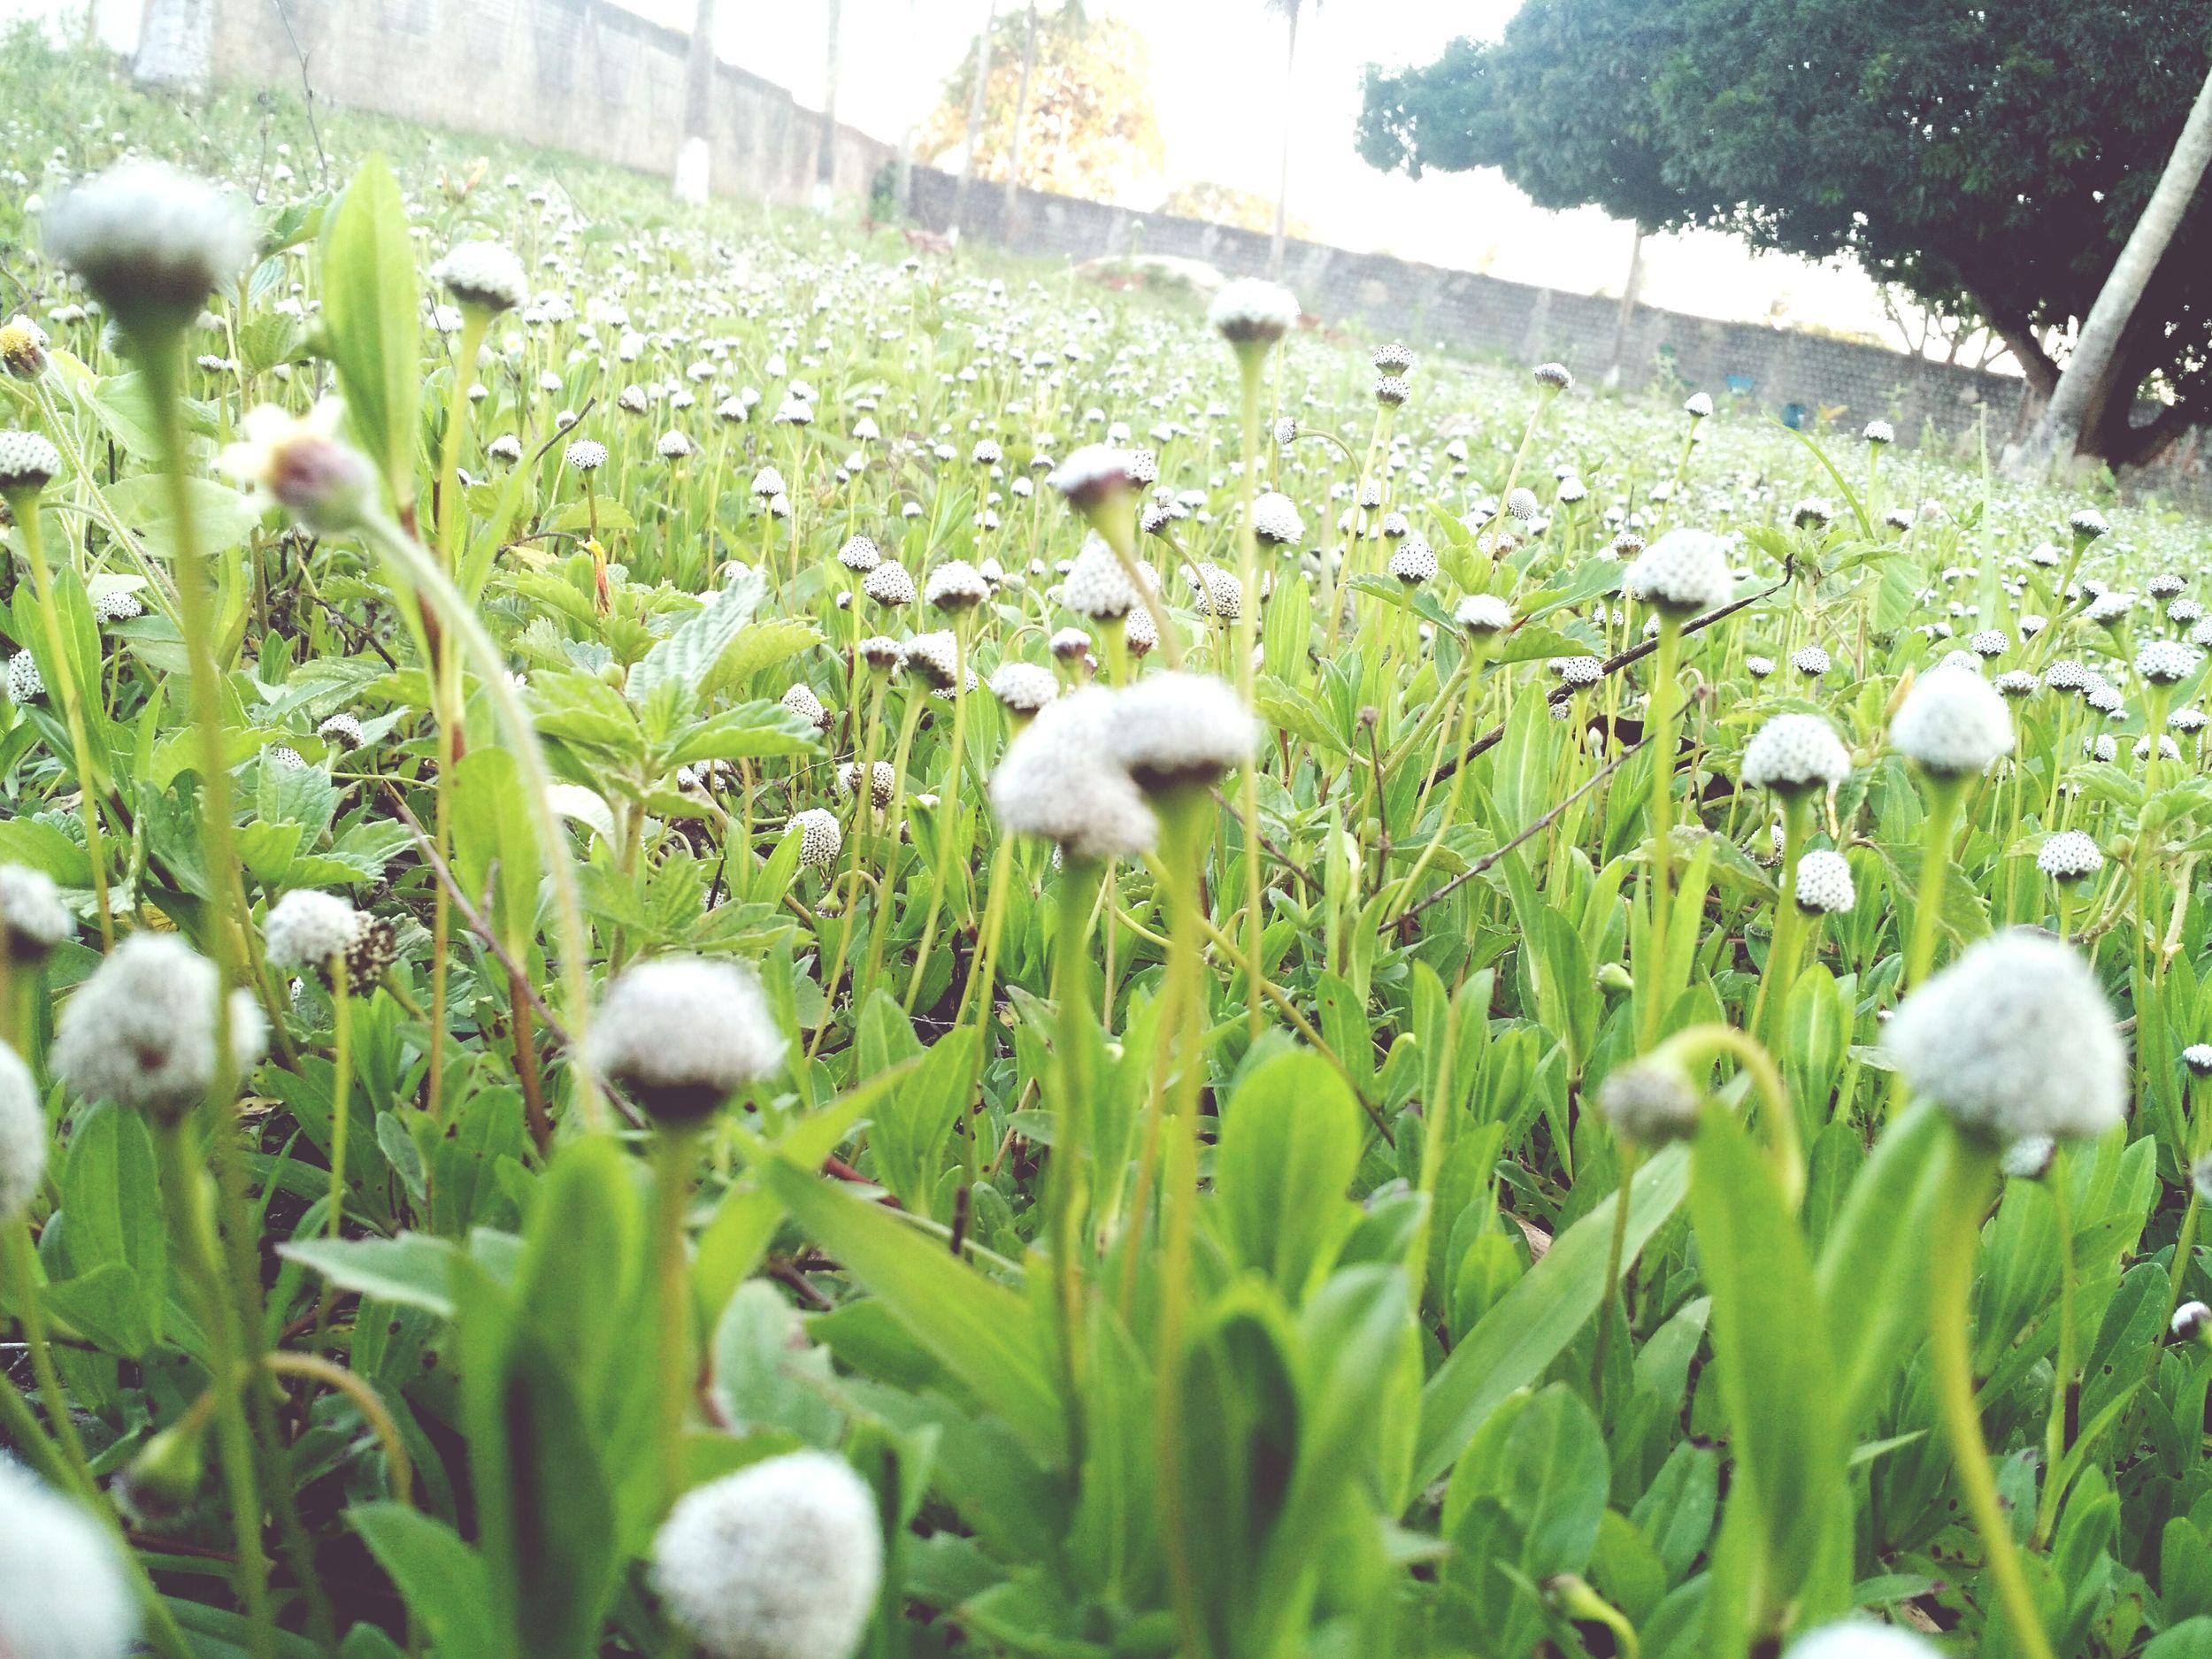 Meu infinito particular. Lindo  Flores Natureza Vida Mato Fotografia Celular Novo Amei